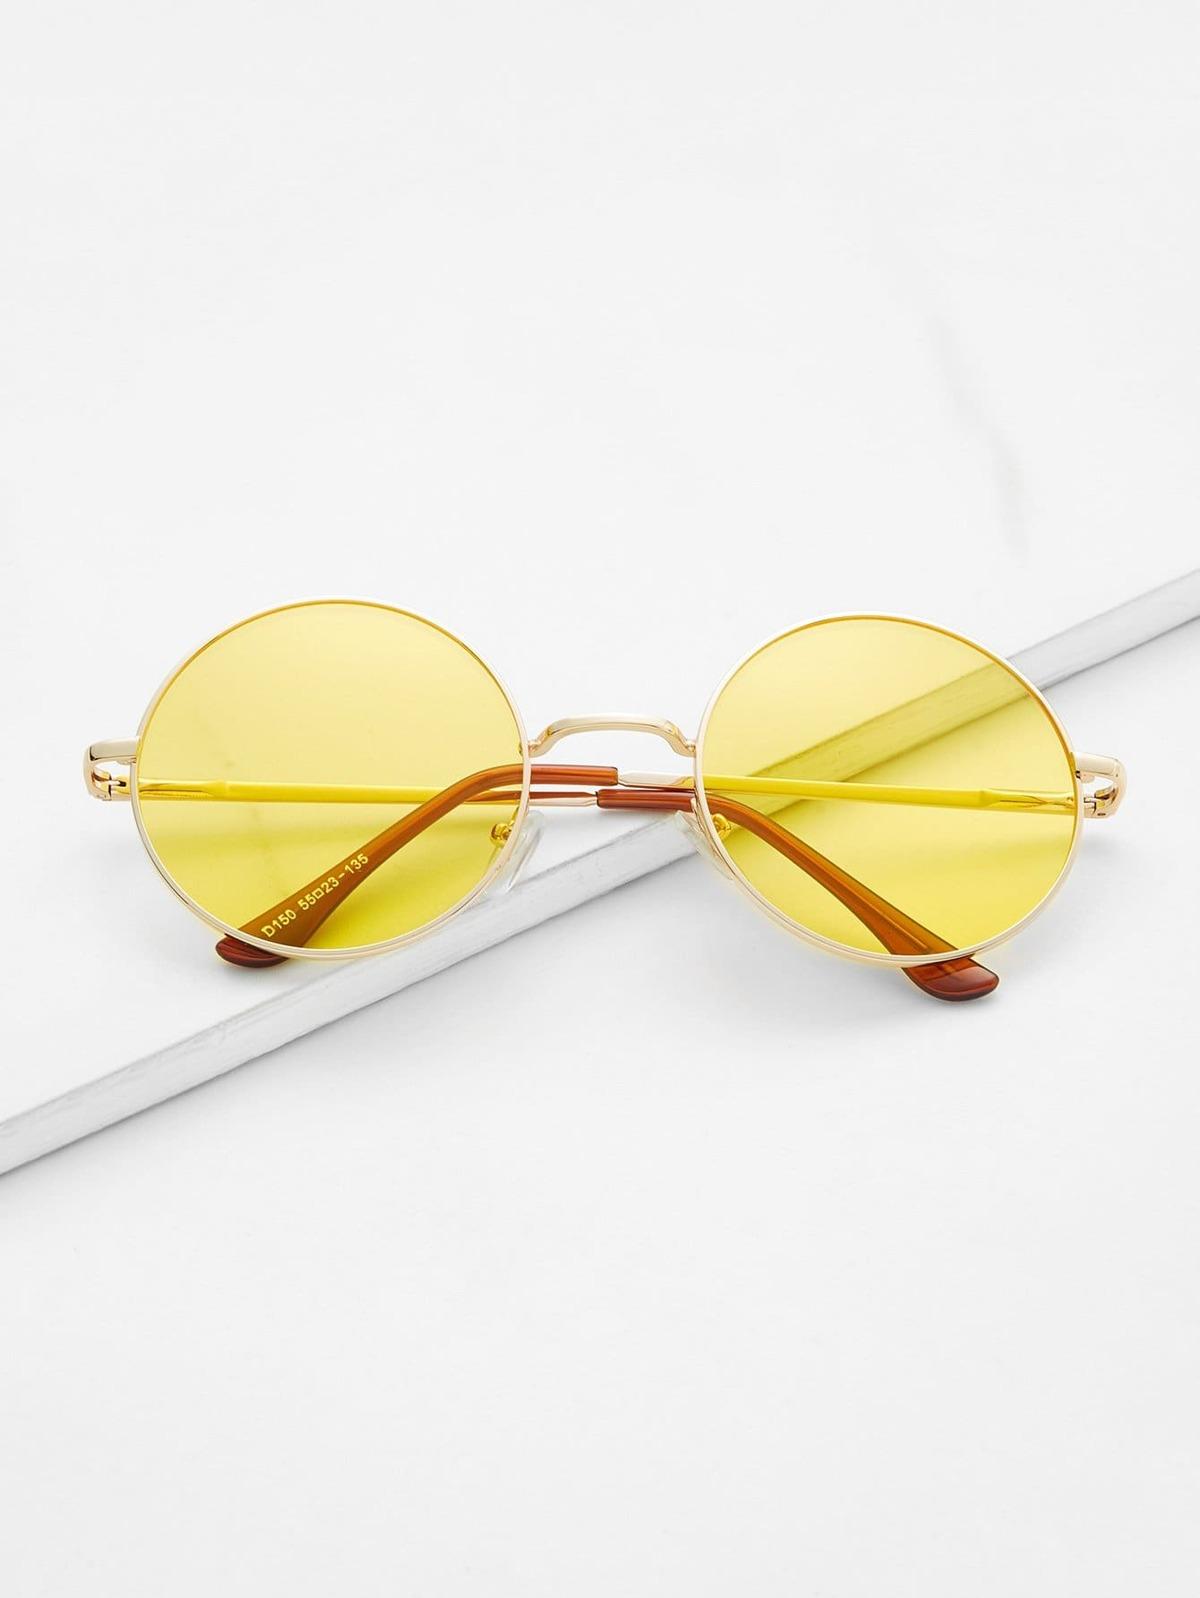 金屬 框 黃色  圓形的 鏡片 復古樣式 風格 太陽眼鏡